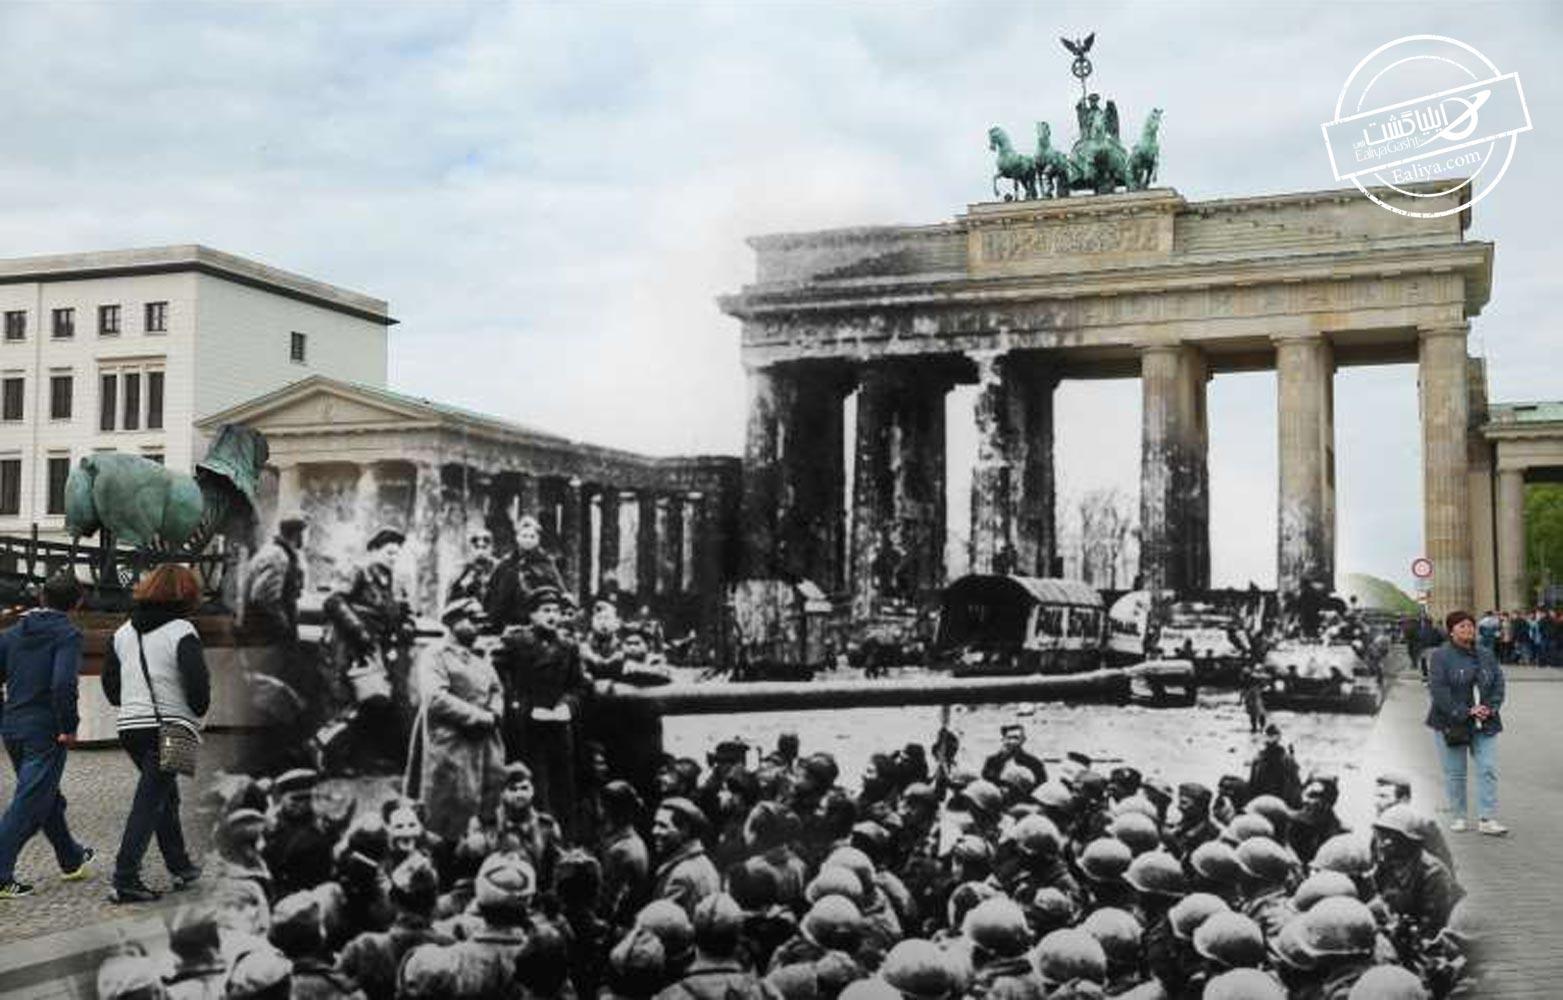 تاریخچه ی از دروازه براندنبورگ